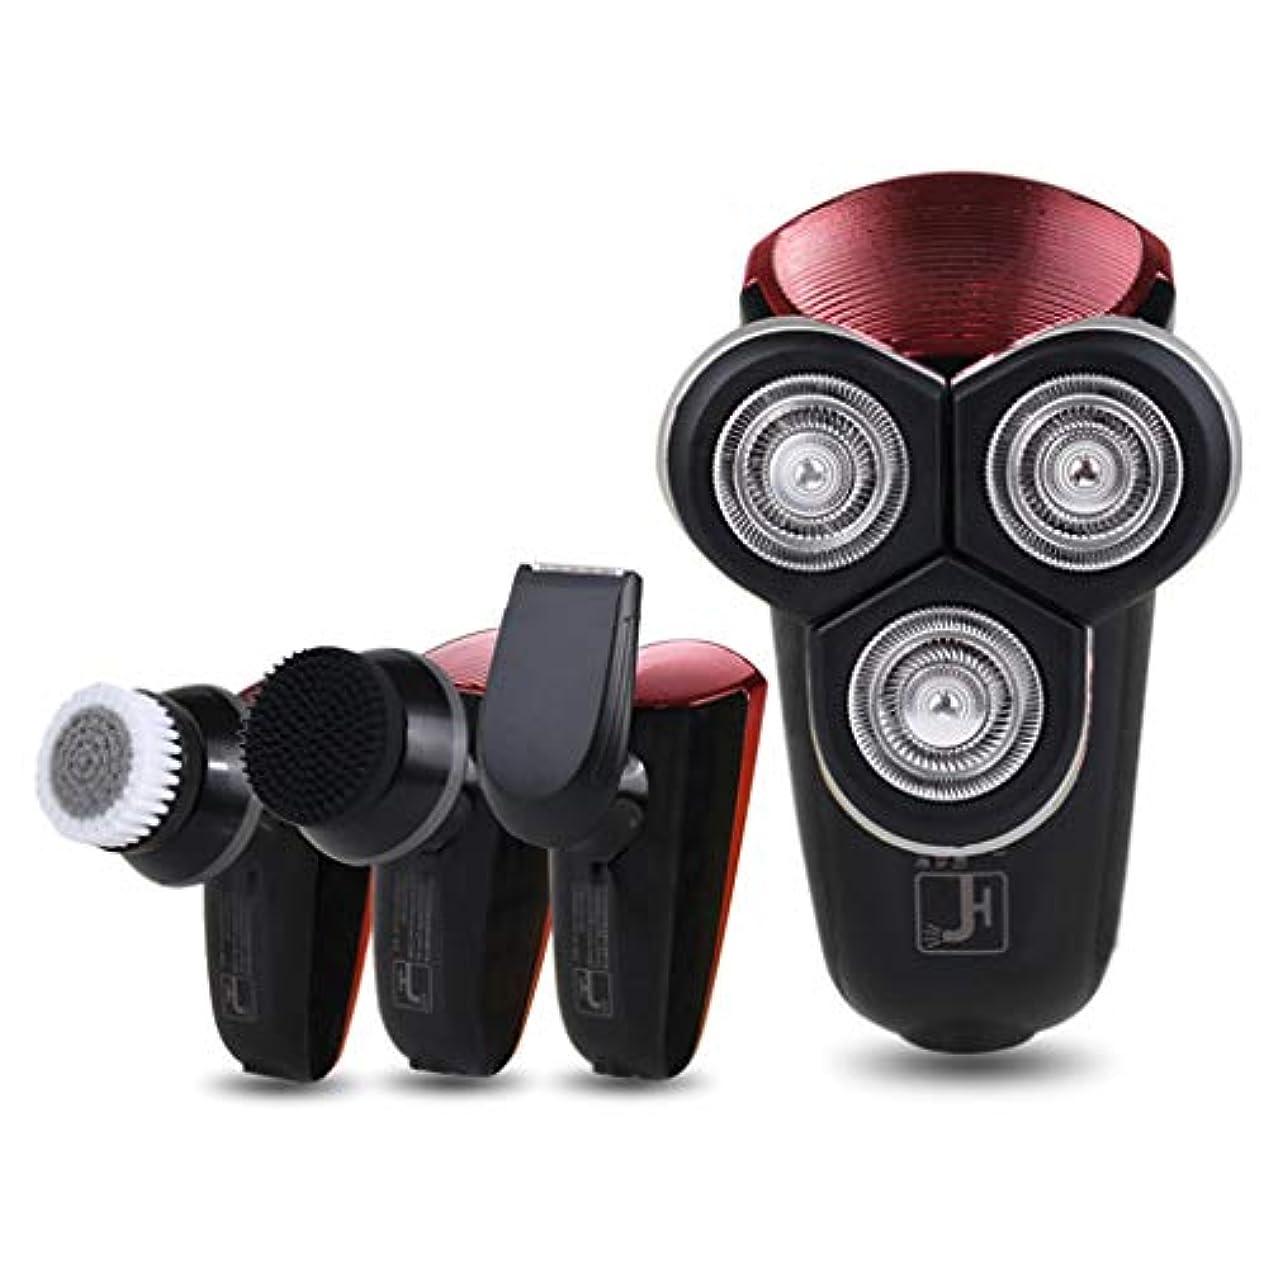 報酬手錠王室コードレスカミソリ、多機能メンズコードレスビアードトリマー/ヘアカット/クレンジング/コーナートリム、ギフト